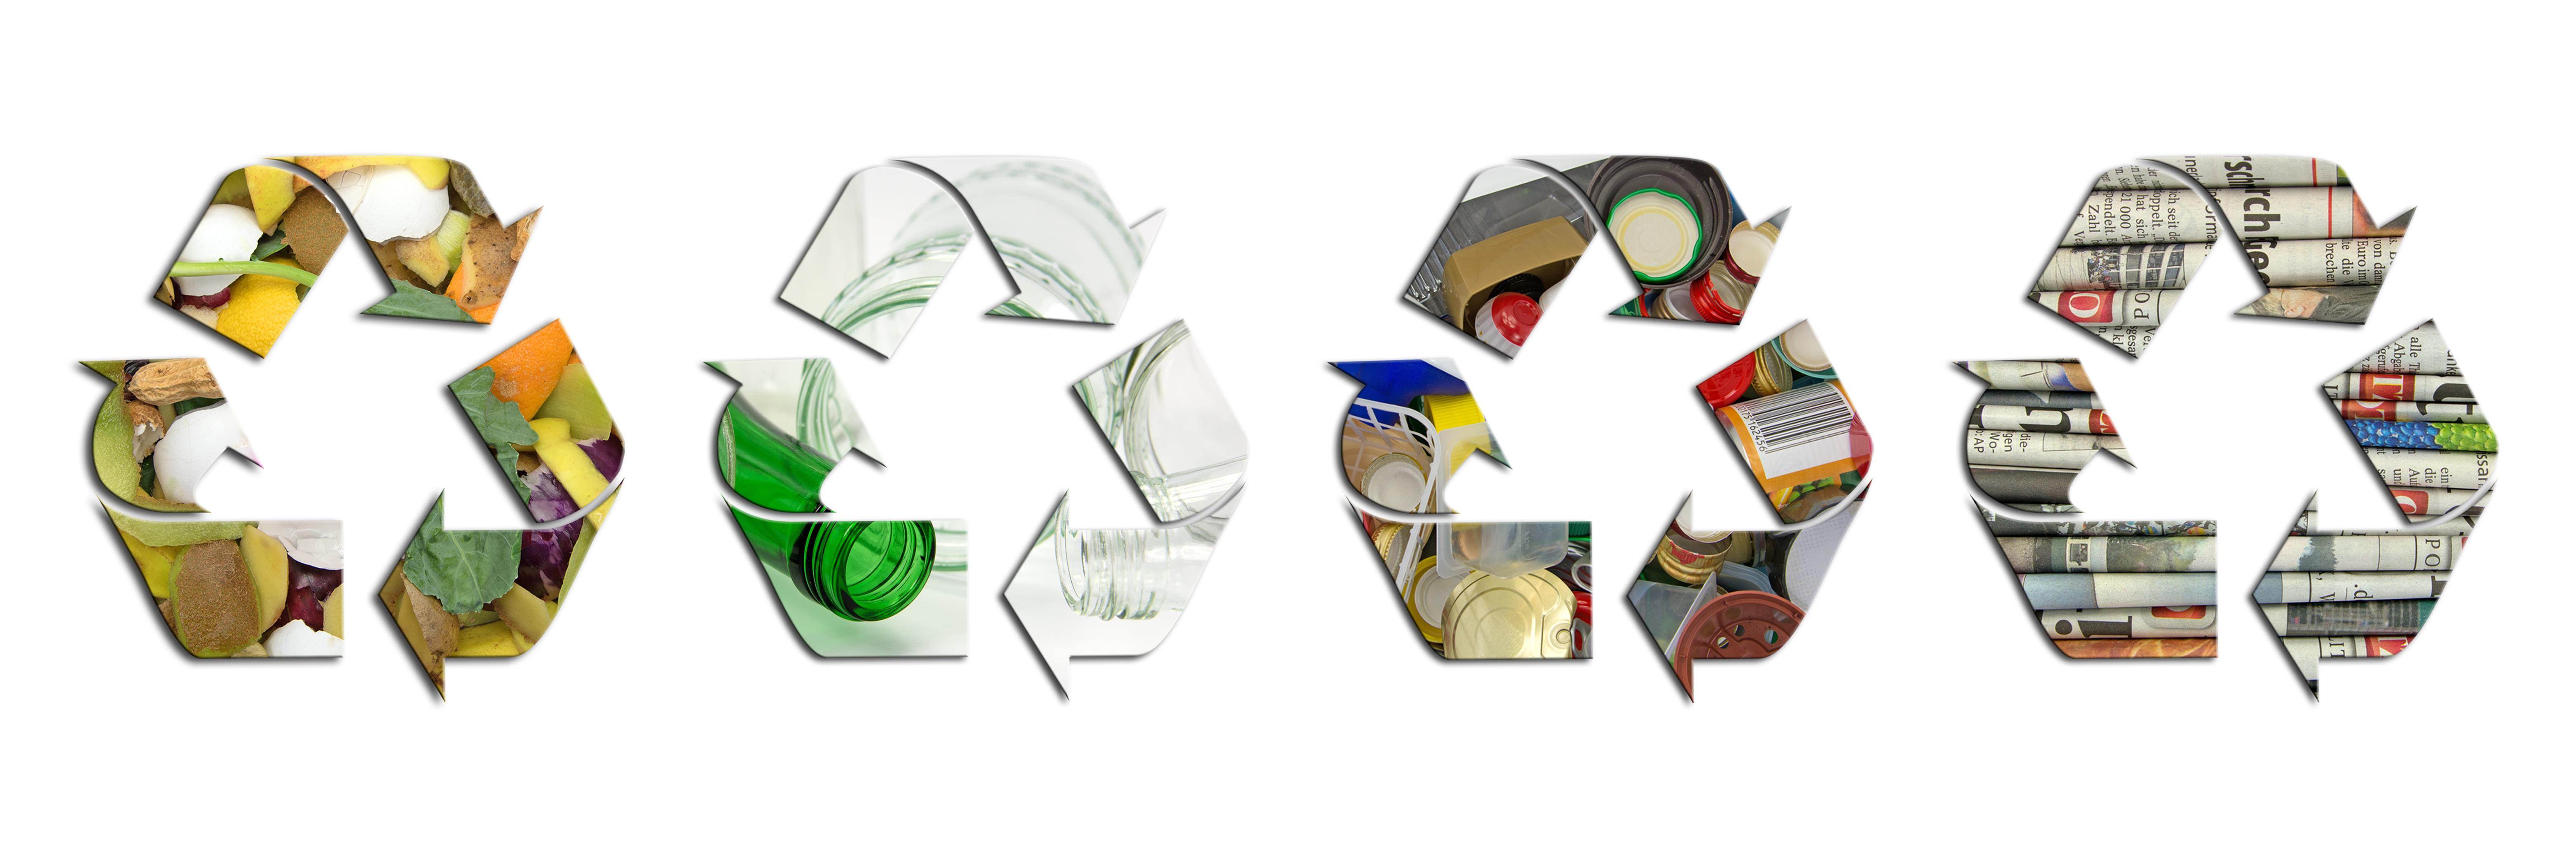 De ce este importantă reciclarea într-o economie circulară?